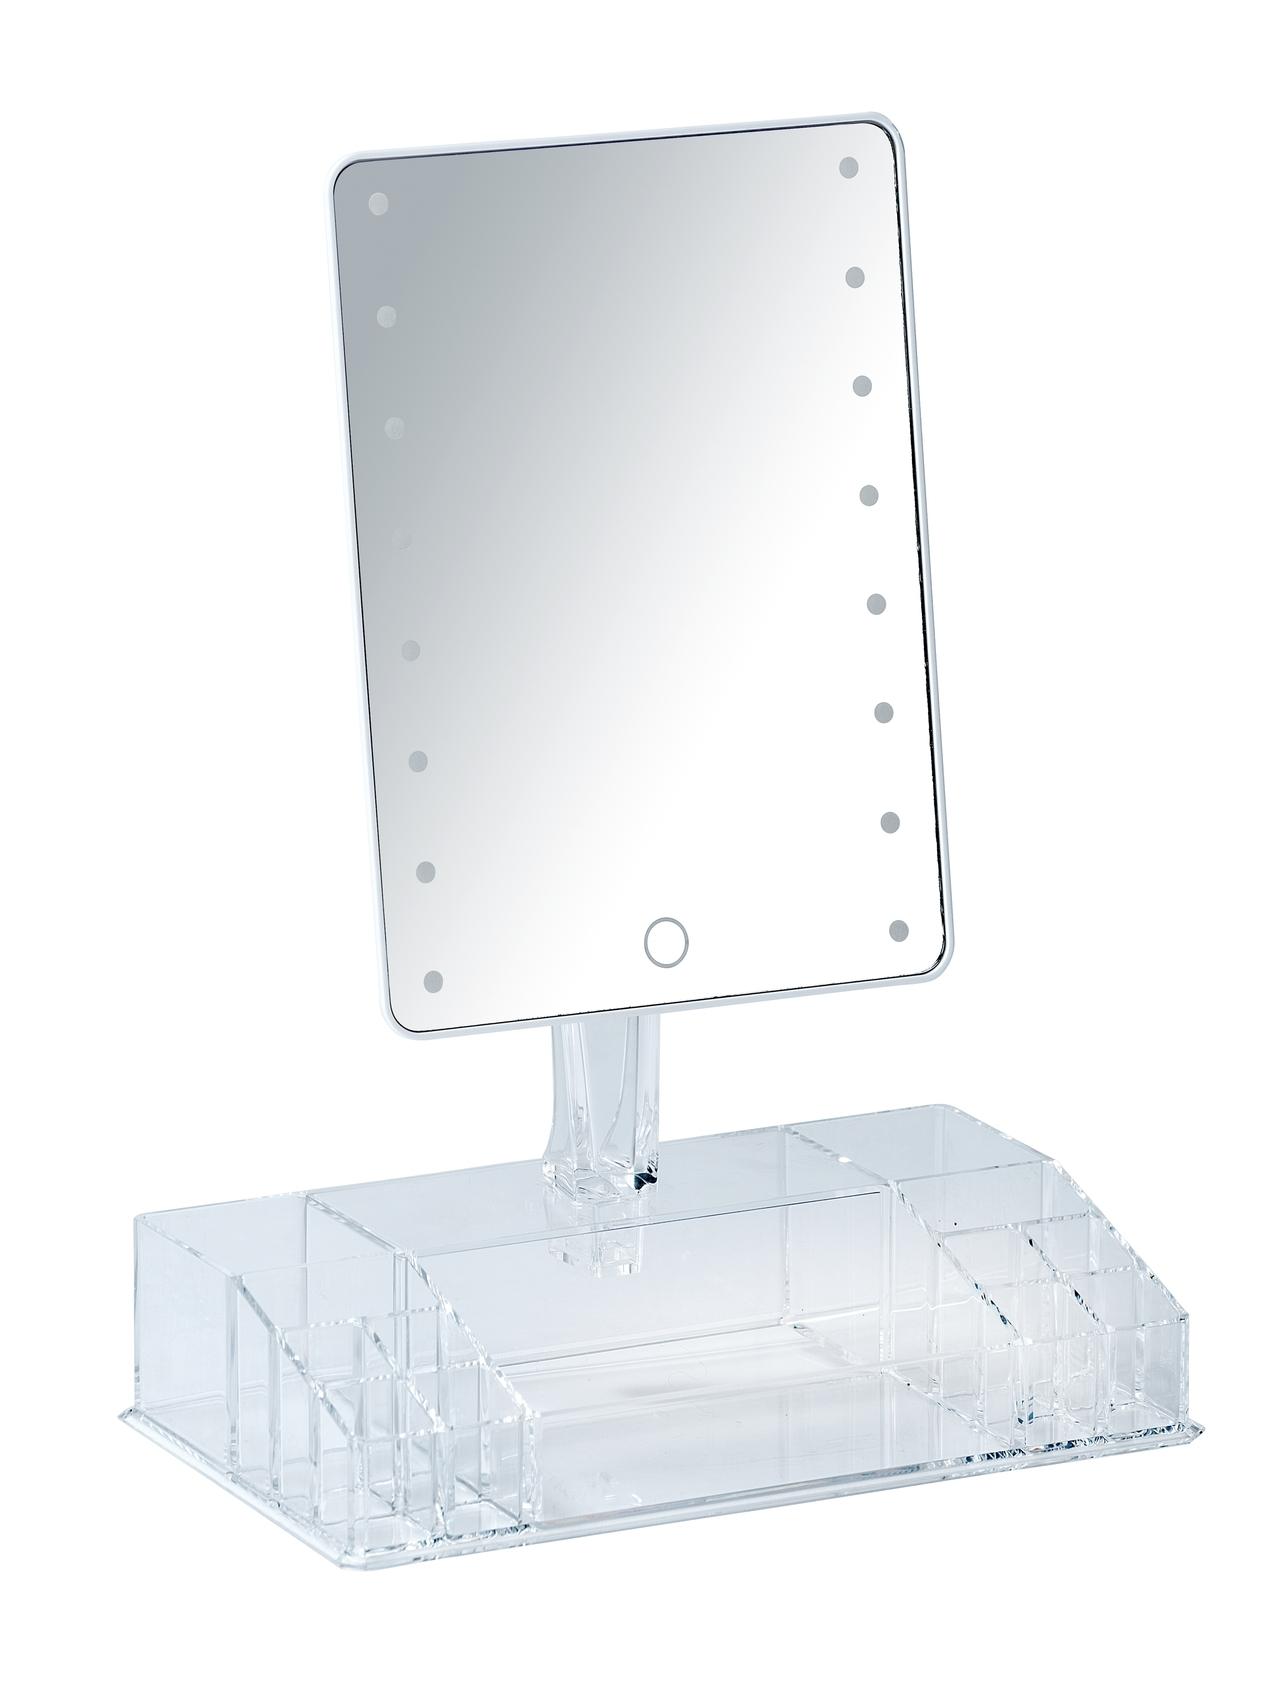 Oglinda cosmetica de masa, cu LED si organizator din plastic, Farnese Transparent, L27xl16xH36 cm poza